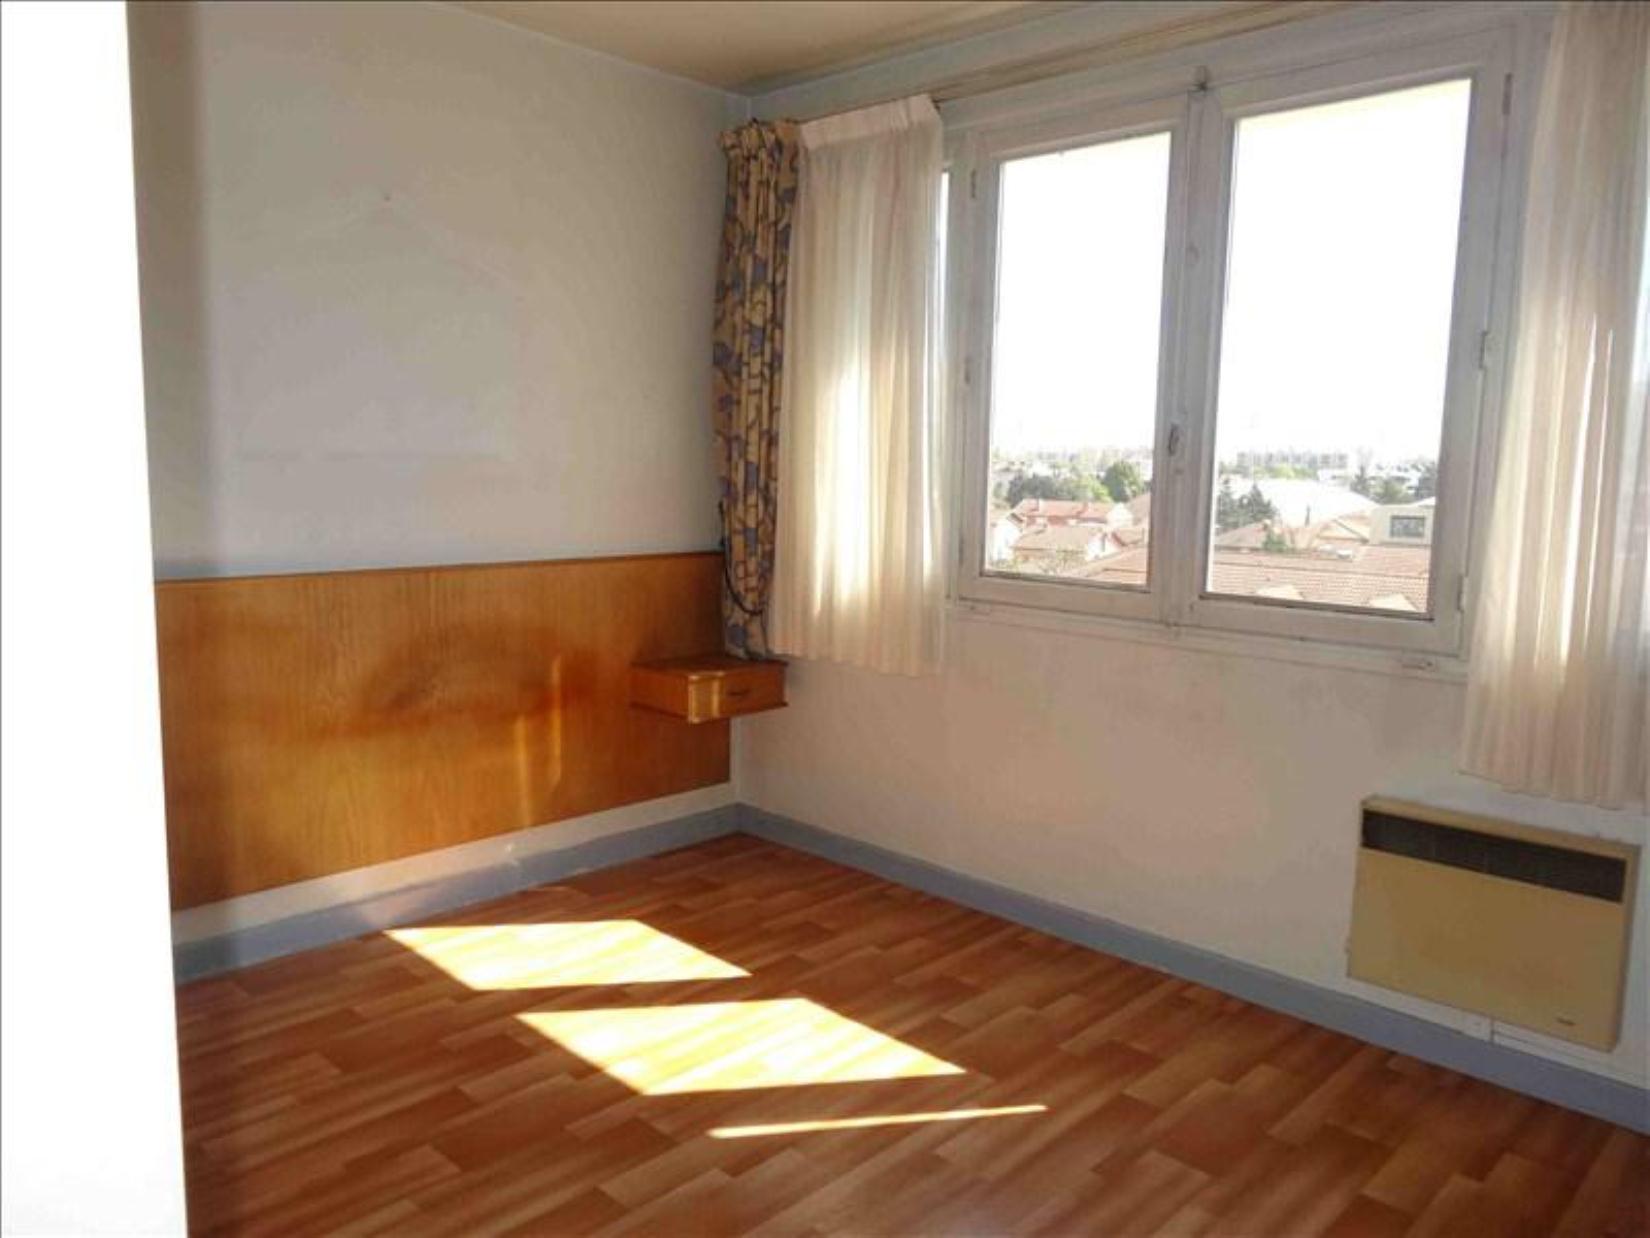 achat appartement villeurbanne 68m 4 pi ces slci espace immobilier achat et vente. Black Bedroom Furniture Sets. Home Design Ideas